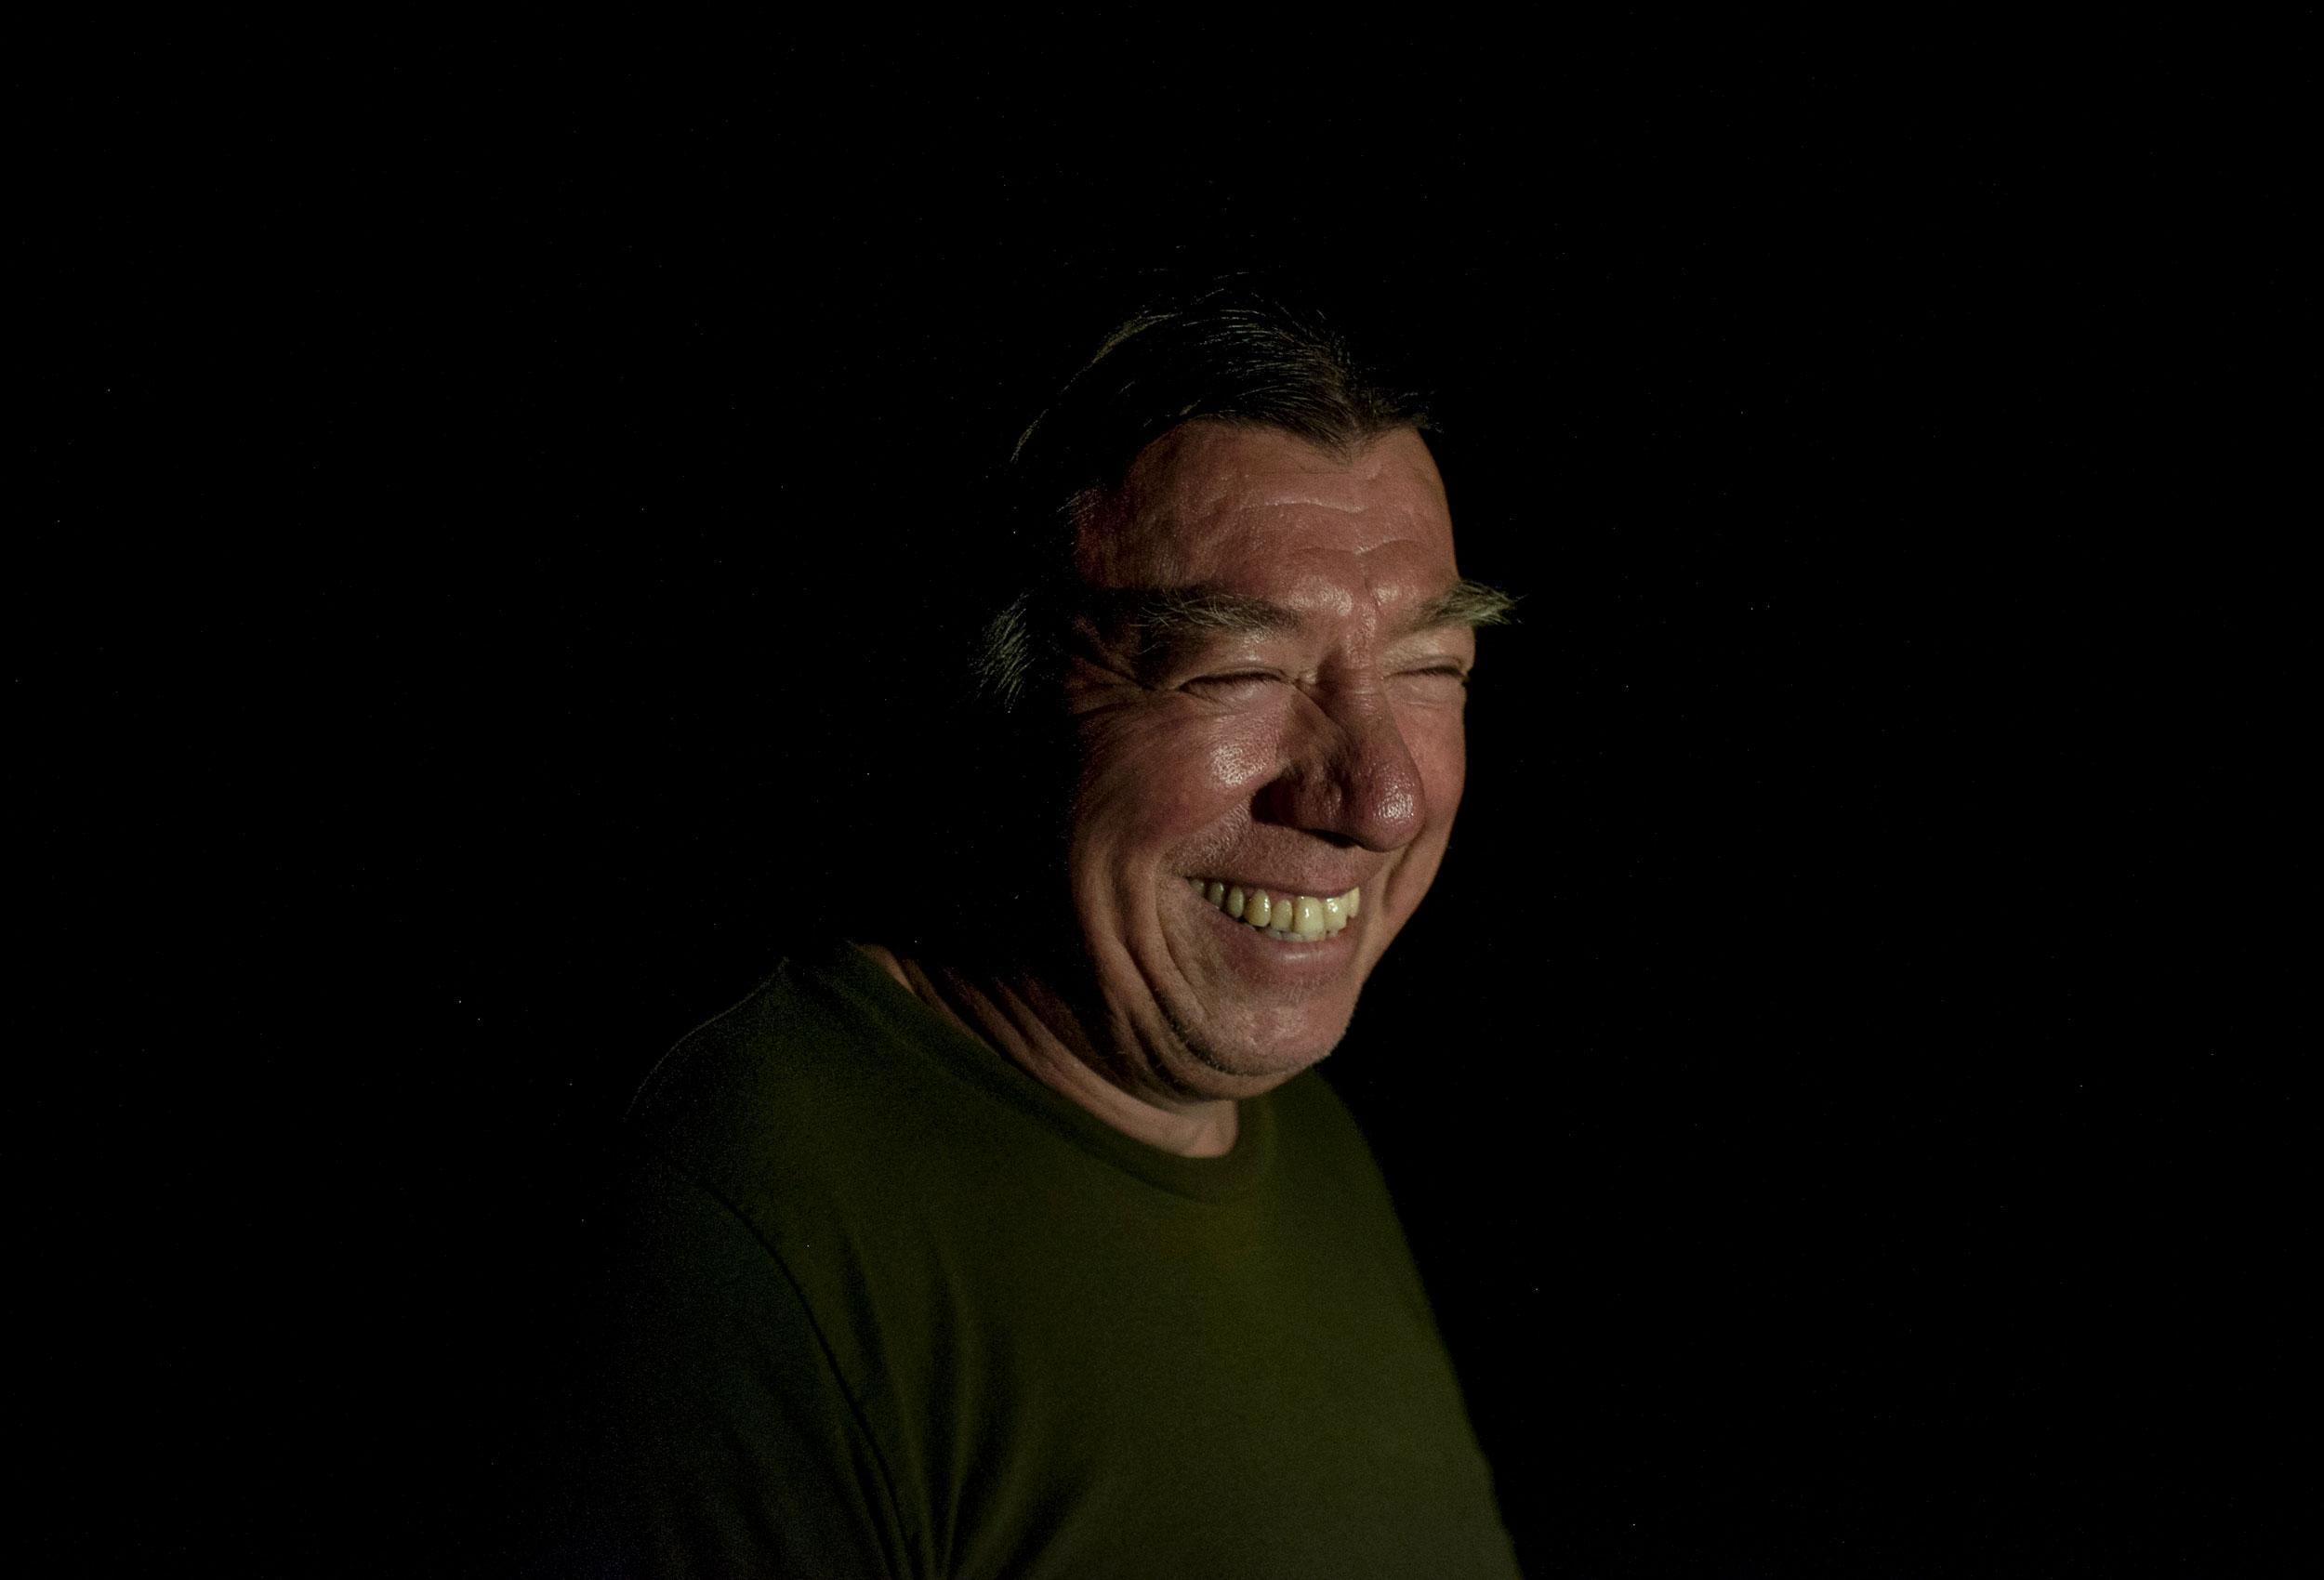 Prosper, smiling in the light of his kerosene lantern